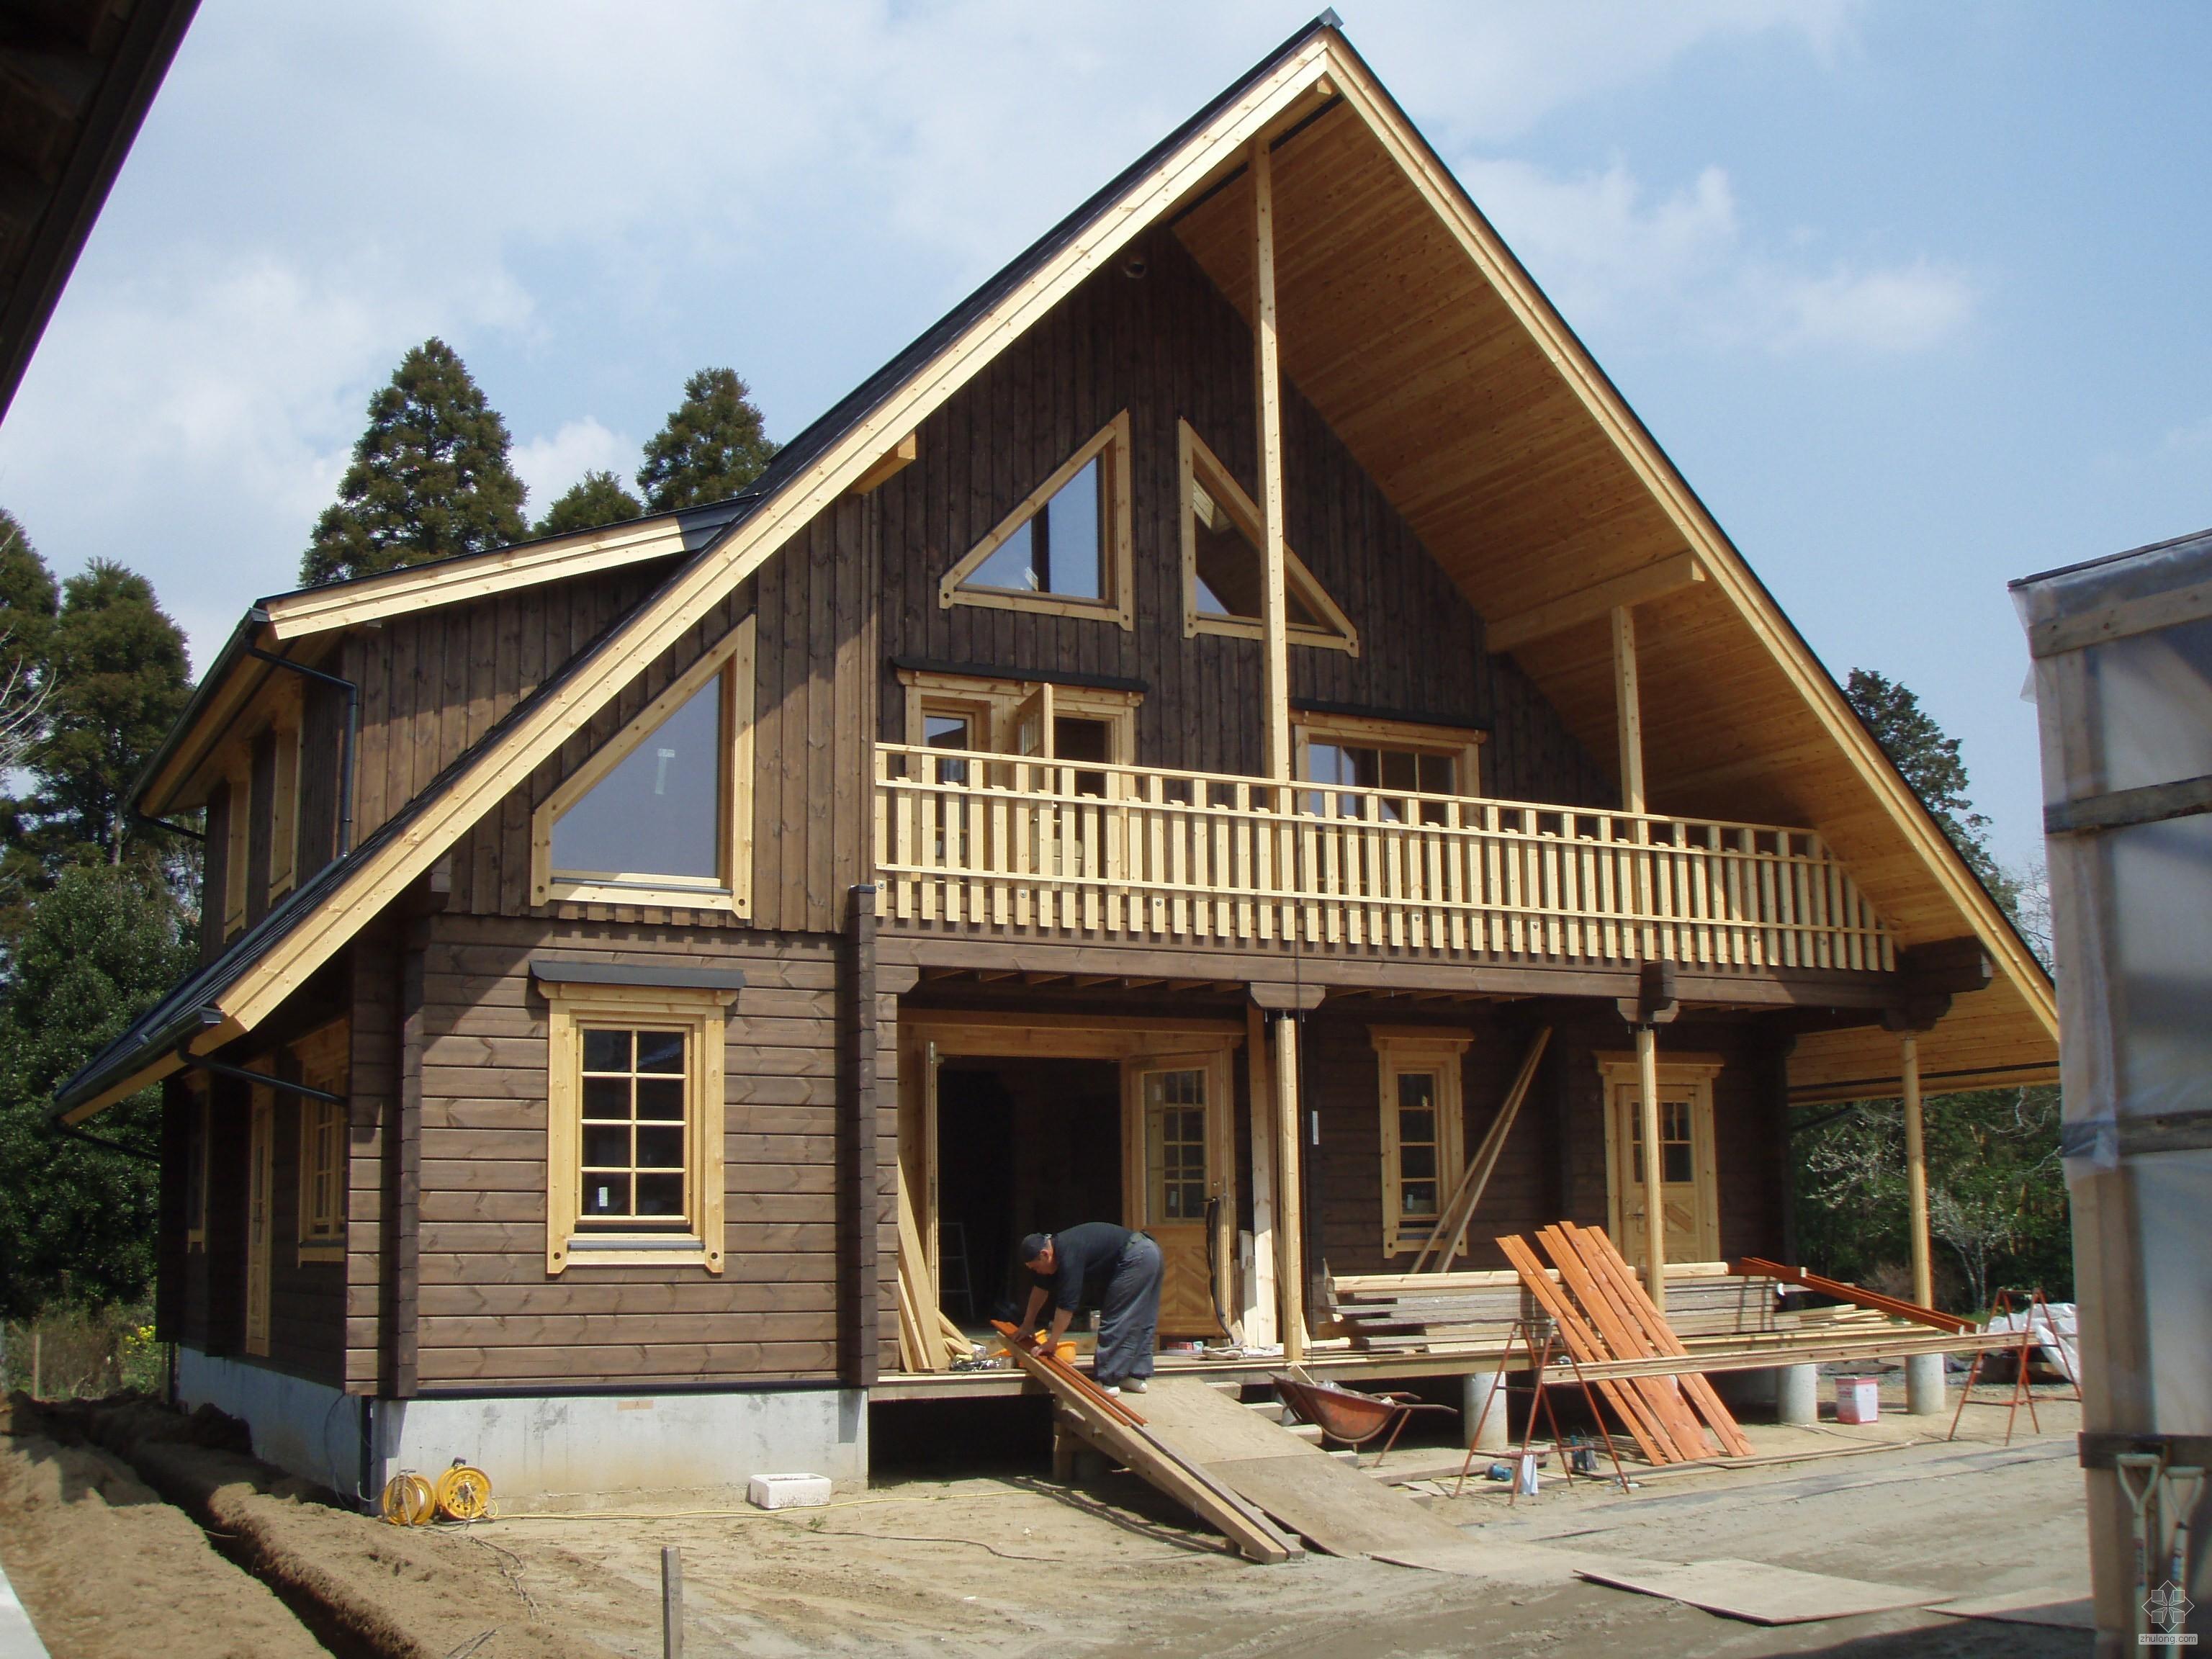 目前,每年在北美新造150万房屋中,采用木框架结构的超过90%,英国